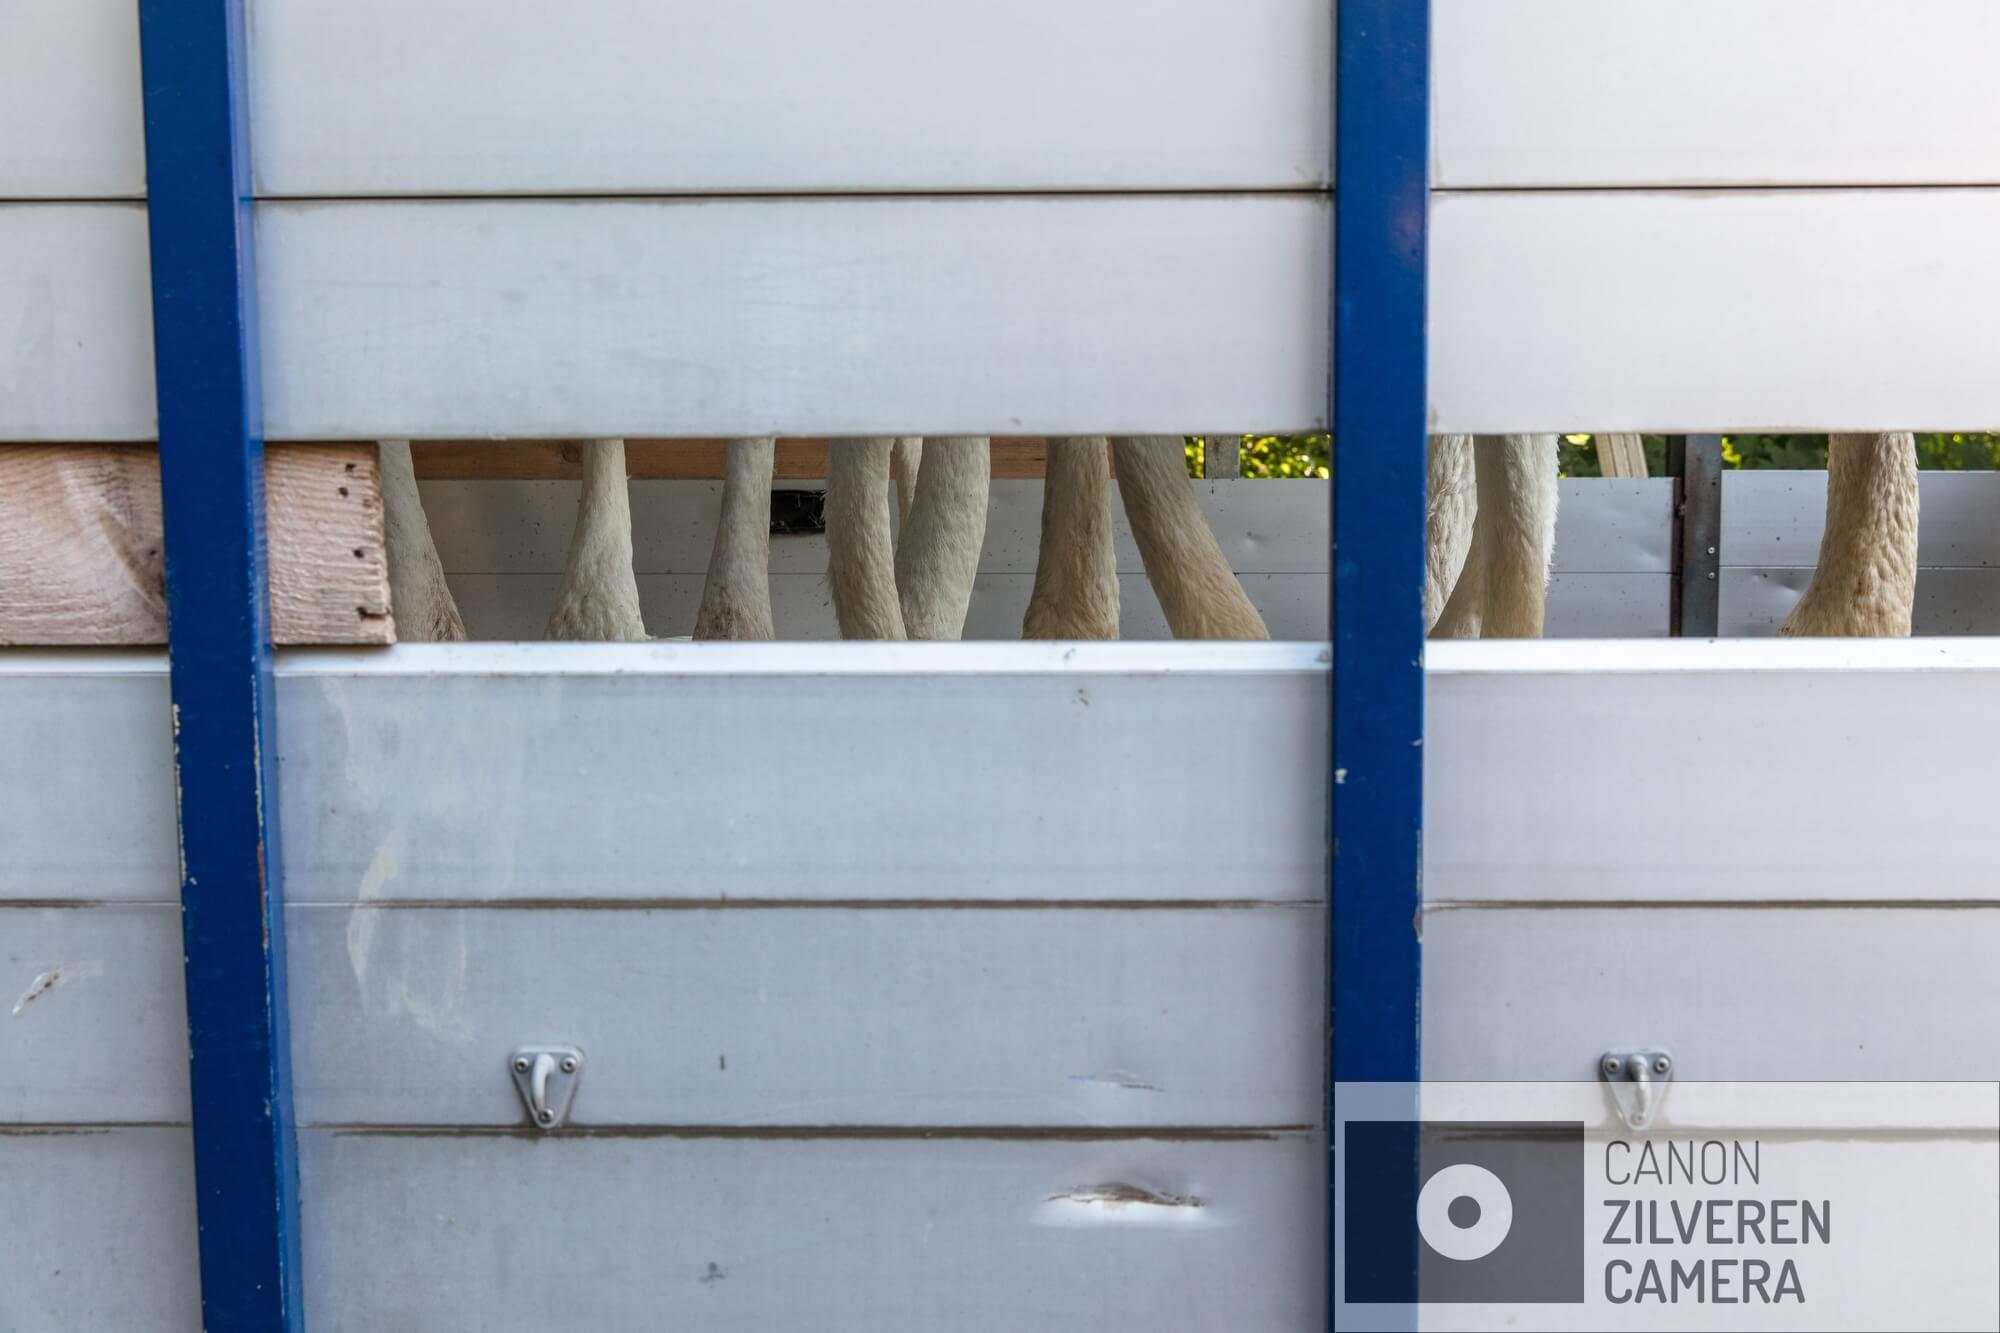 De gereinigde zwanen worden - nadat de olie is verwijderd uit de Haven en de zwanen gereinigd zijn en weer aangesterkt zijn - naar de haven van Hoek van Holland gebracht om te worden losgelaten.Op 23 juni 2018 is er een enorme olievlek ontstaan in de Rotterdamse haven nadat een tanker tegen een steiger was gebotst. Meer dan 200 ton olie kwam in het water terecht, met ernstige gevolgen voor de watervogels in het gebied waaronder de zwanen. Deze fotoserie is gemaakt bij een vogelopvangcentrum in Hoek van Holland (de Houtsnip), waar met man en macht is gewerkt om de besmeurde zwanen te reinigen en goed op te vangen. De naam van de serie ziet op de aanpak van Vogelopvang de Houtsnip, die bewust afweek van het protocol voor wassen van met olie verontreinigde vogels. Dit protocol schrijft voor dat je na het vangen twee of drie dagen moet wachten met de reiniging om de vogels eerst weer op krachten te laten komen en te laten 'ontstressen'. De Houtsnip gelooft echter dat dit bij zwanen onverantwoord is, omdat deze vogels zich continu blijven poetsen en daardoor de verontreinigde olie ook binnen krijgen. Bovendien vindt de Houtsnip dat door direct met wassen te beginnen de vogels maar 1x stress hebben en niet na twee dagen rust opnieuw in een voor hen bedreigende situatie worden gebracht. Daarnaast leken de vele vrijwilligers het zelf ook prettig te vinden om snel aan de slag te kunnen om de vogels te helpen, in plaats van lijdzaam af te wachten totdat de wachttijd voorbij is: er wordt met veel passie en inzet gewerkt. Het op de juiste wijze reinigen lijkt overigens ook een hele kunst. Het moet volgens het protocol met Dreft, dat er in grote hoeveelheden doorheen gaat. Het heel goed uitspoelen is wezenlijk, omdat anders het verenkleed wordt aangetast en de zwaan zelfs zijn drijfvermogen kan verliezen.